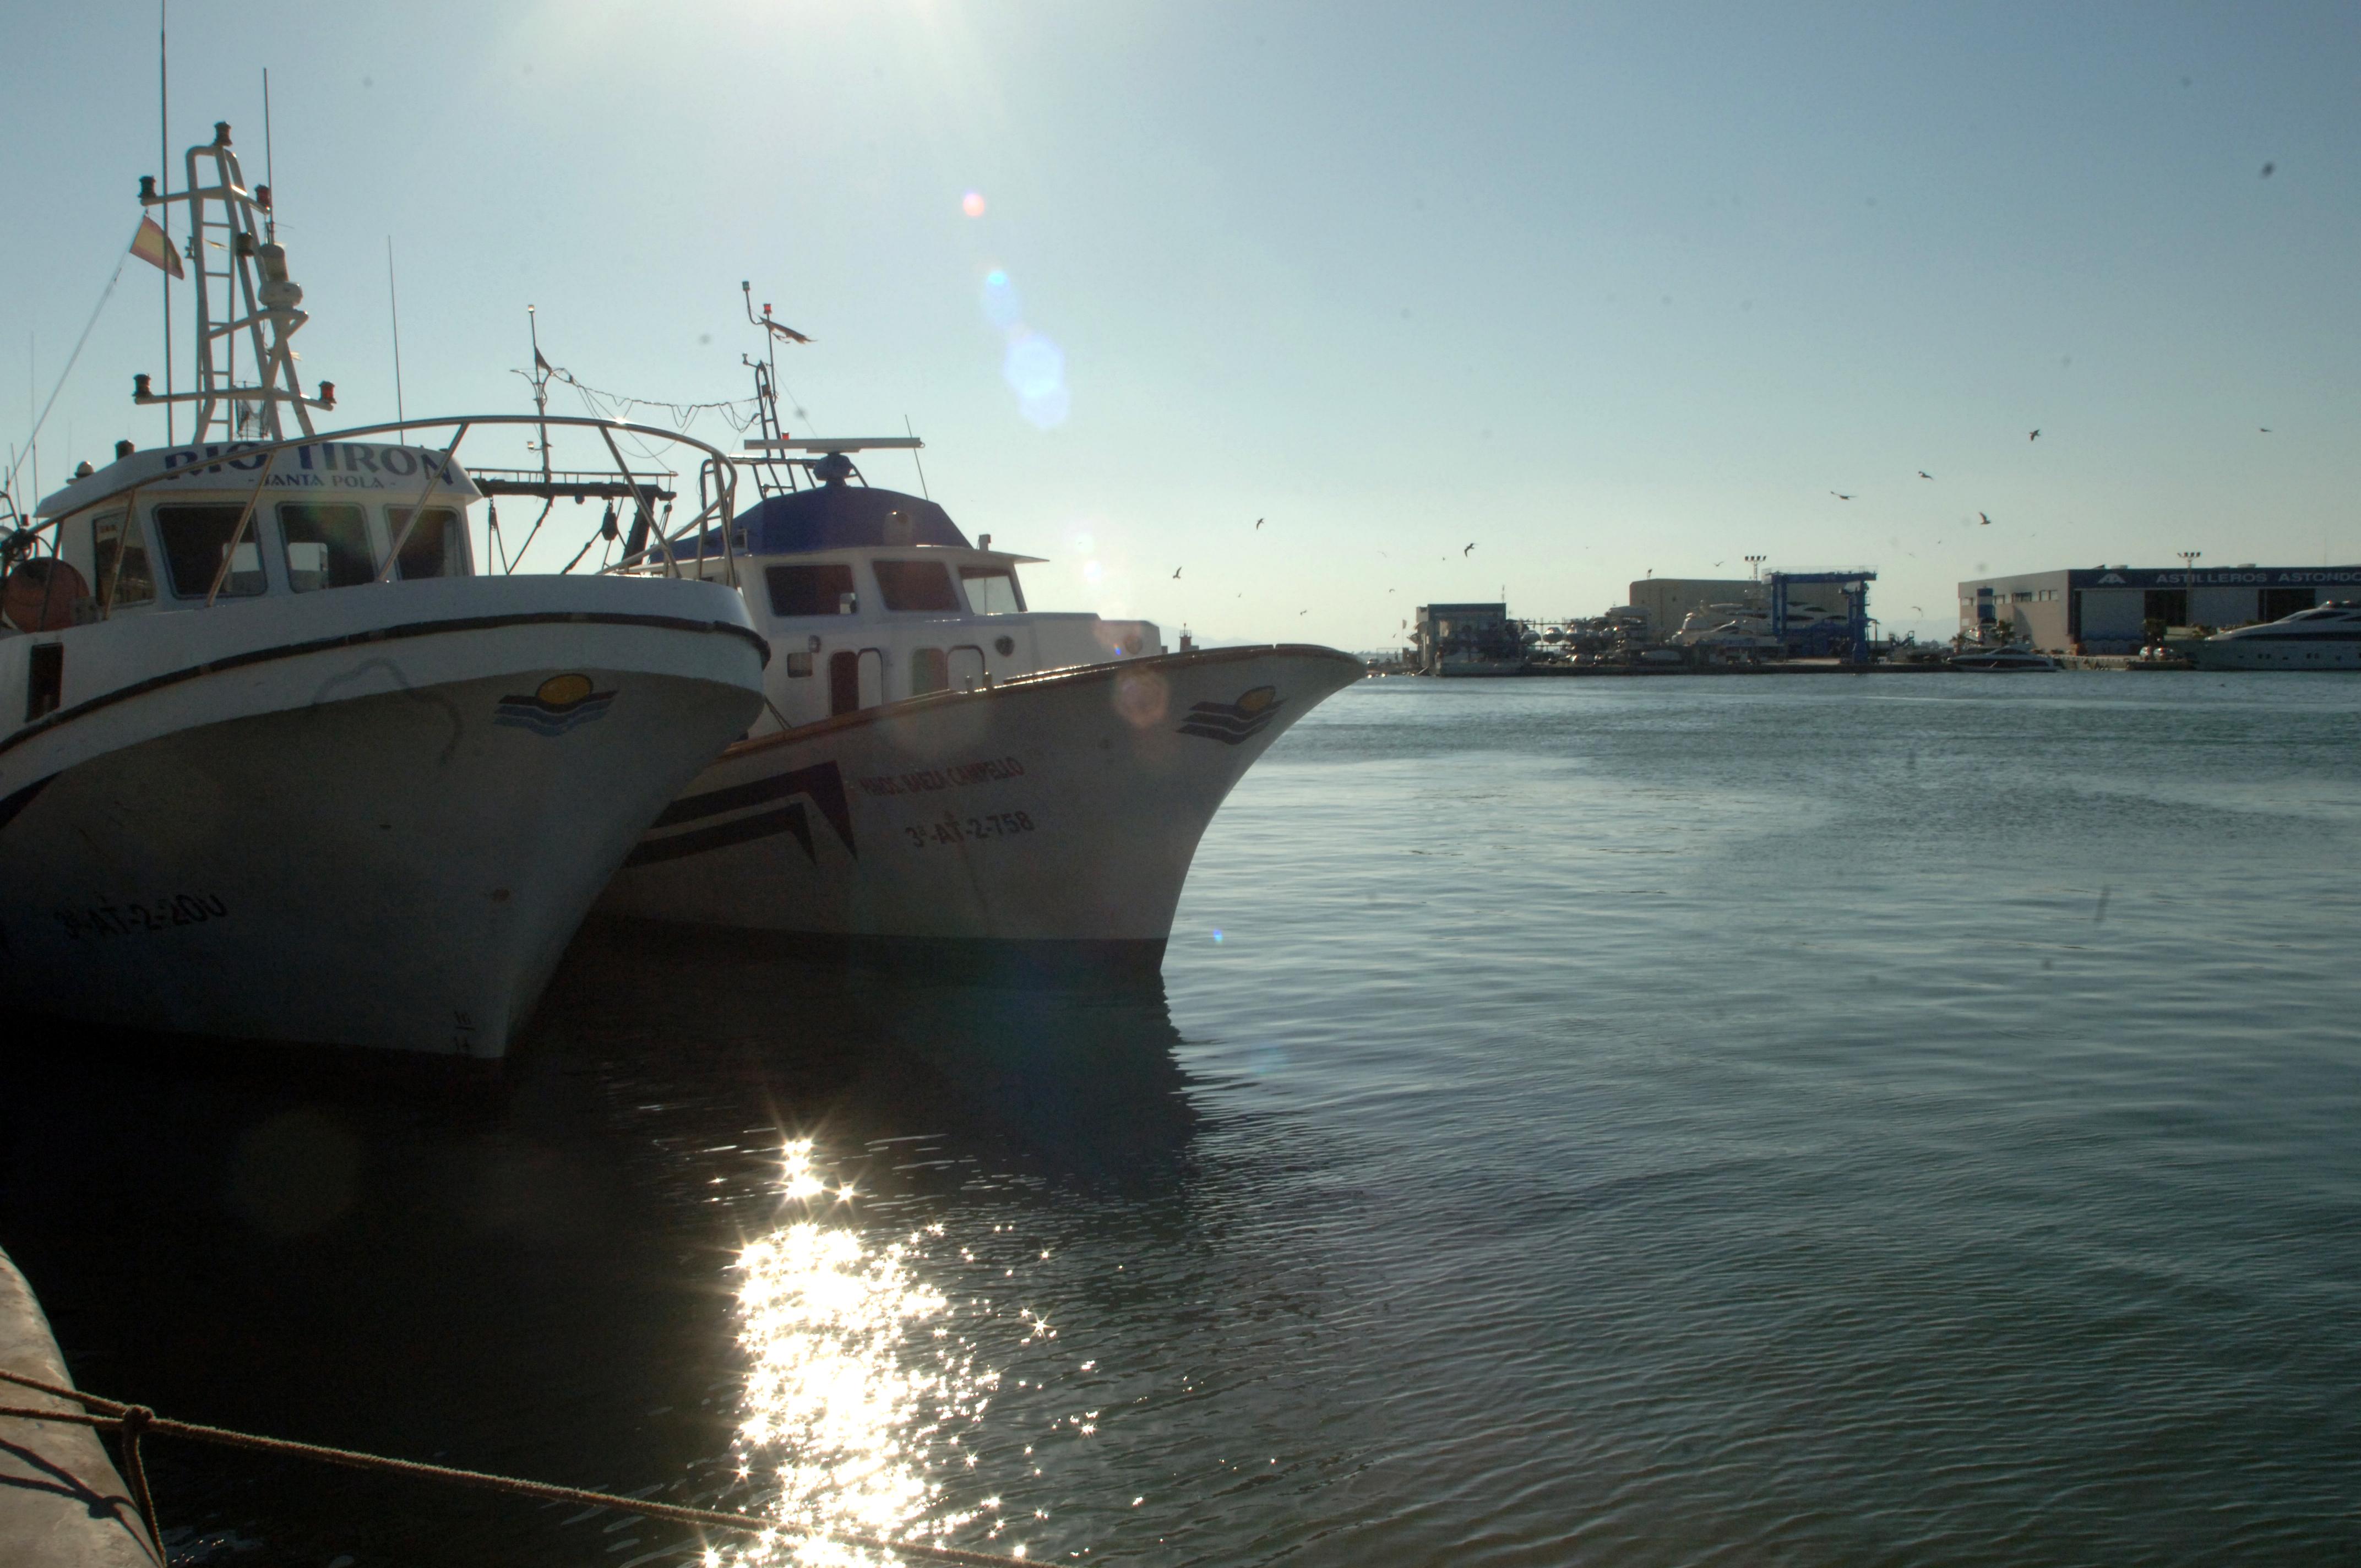 La Generalitat destina 7,9 millones de euros para la modernización de los puertos pesqueros en la Comunitat